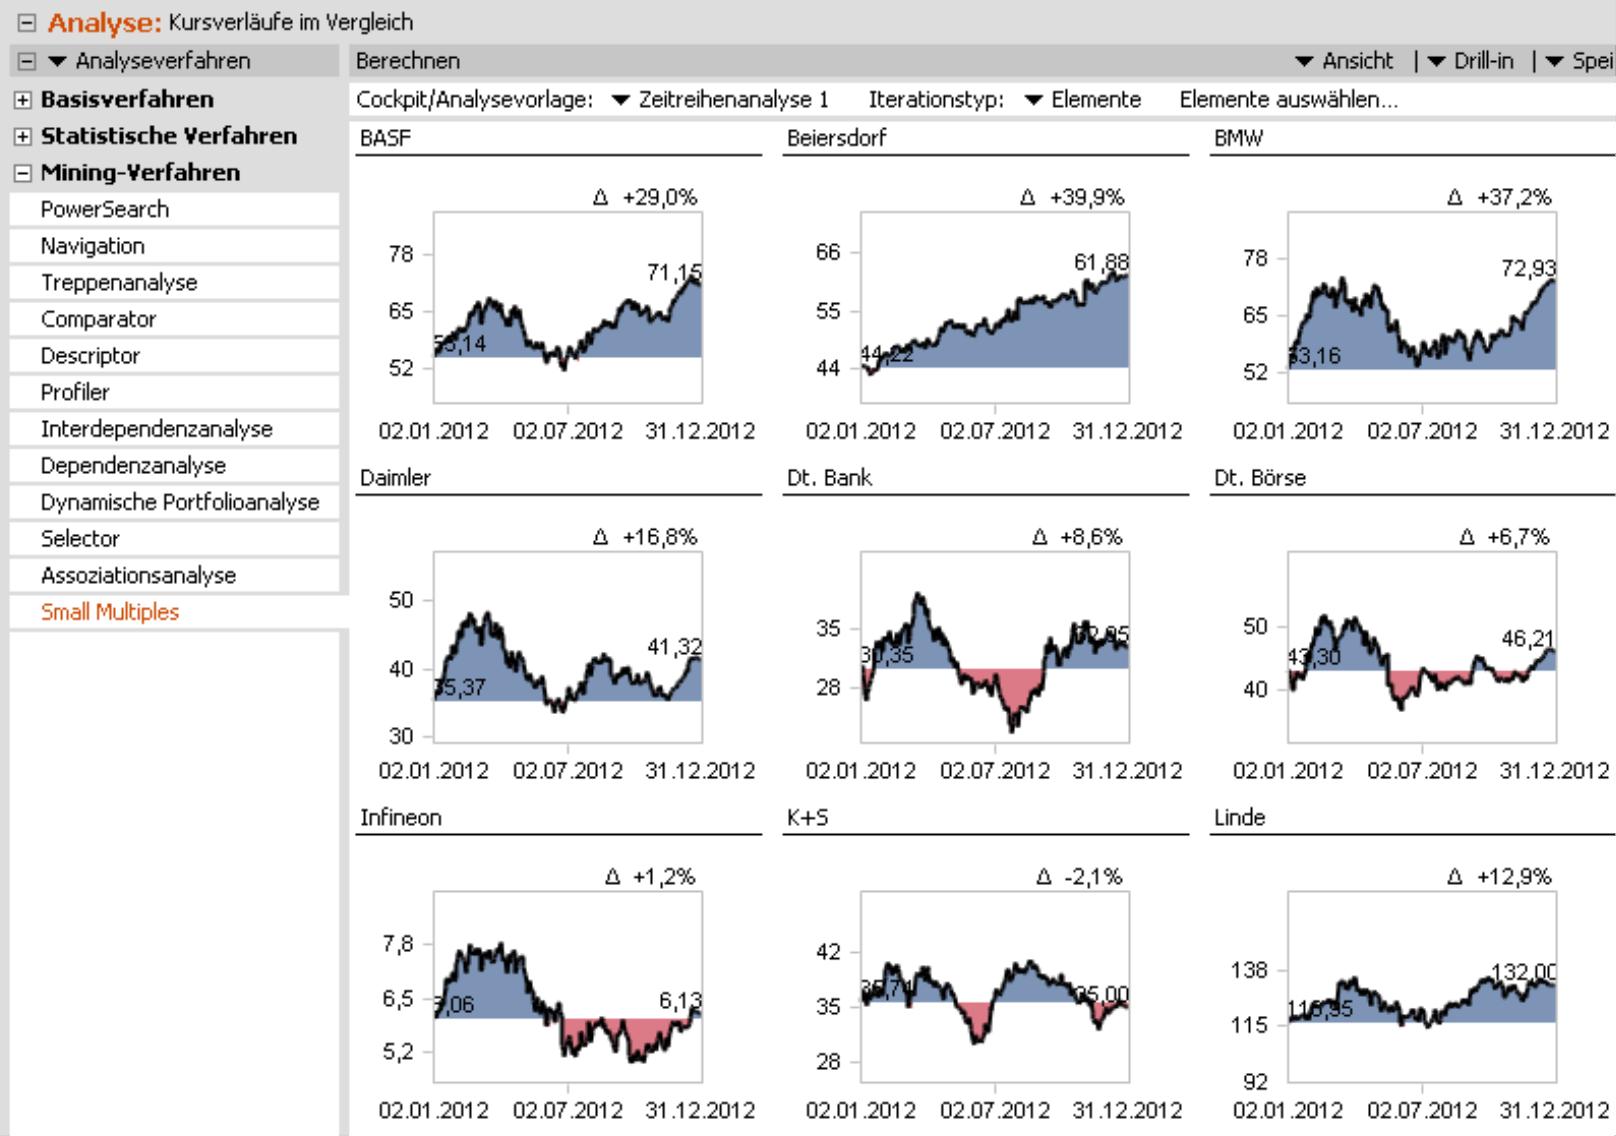 Small Multiples für BASF, Beiersdorf BMW, Daimler, Dt. Bank, Dt. Börse, Infineon, K+S und Linde